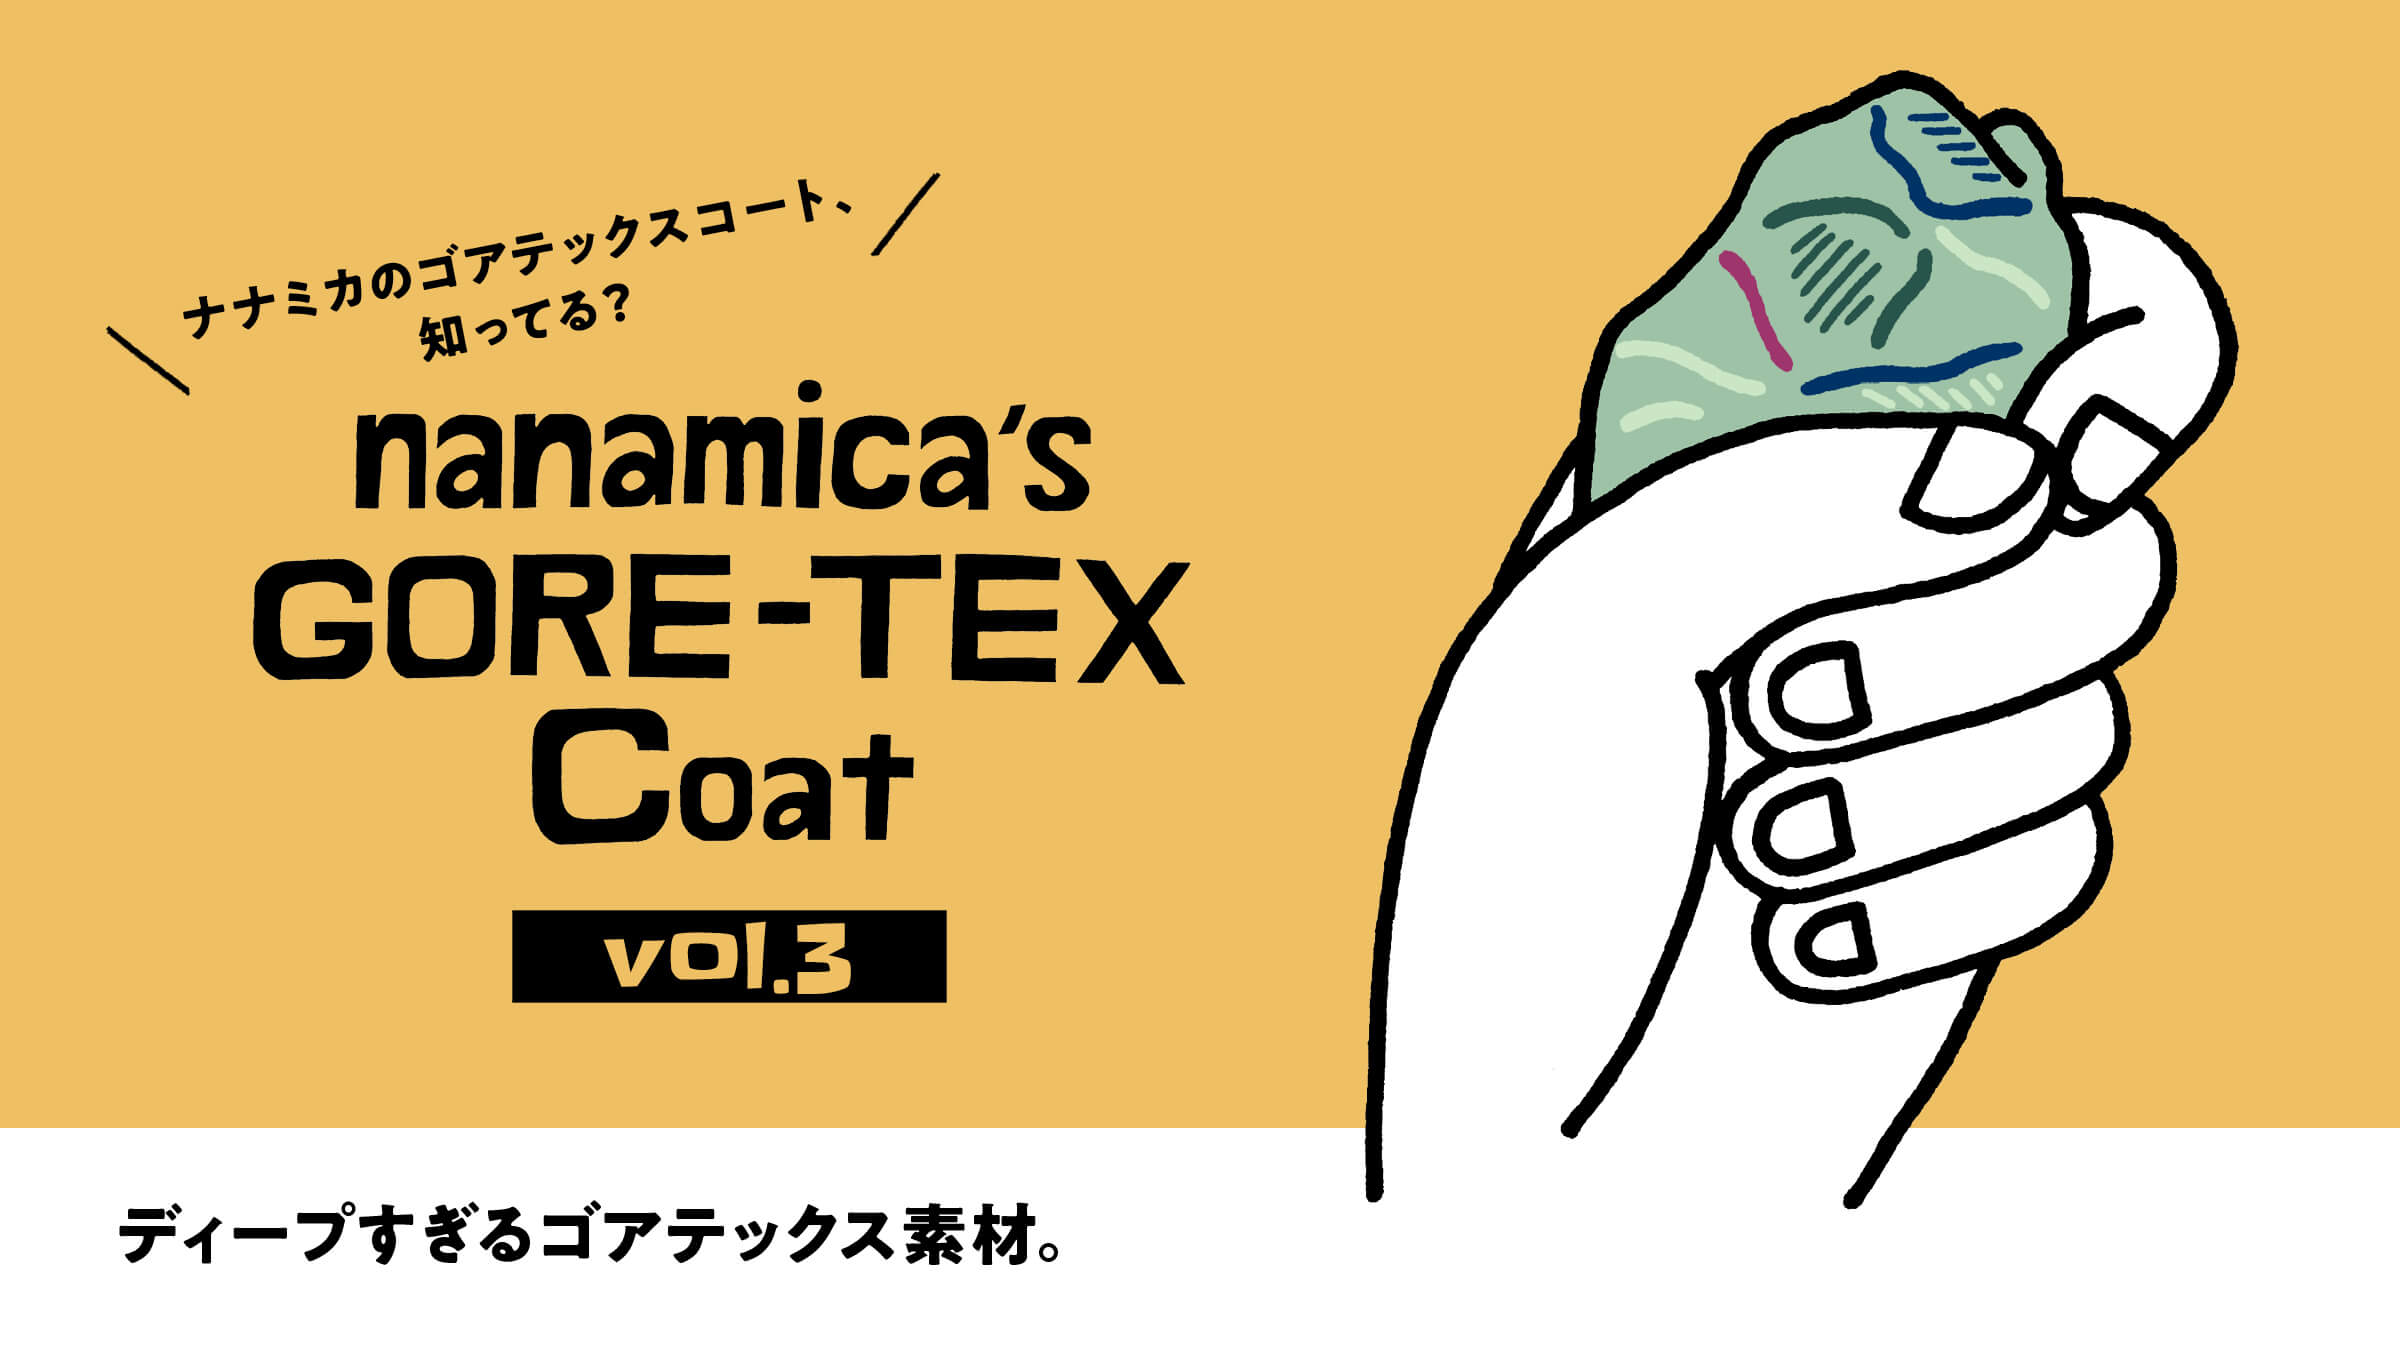 ナナミカのゴアテックスコート、知ってる?  vol.3 ディープすぎるゴアテックス素材。